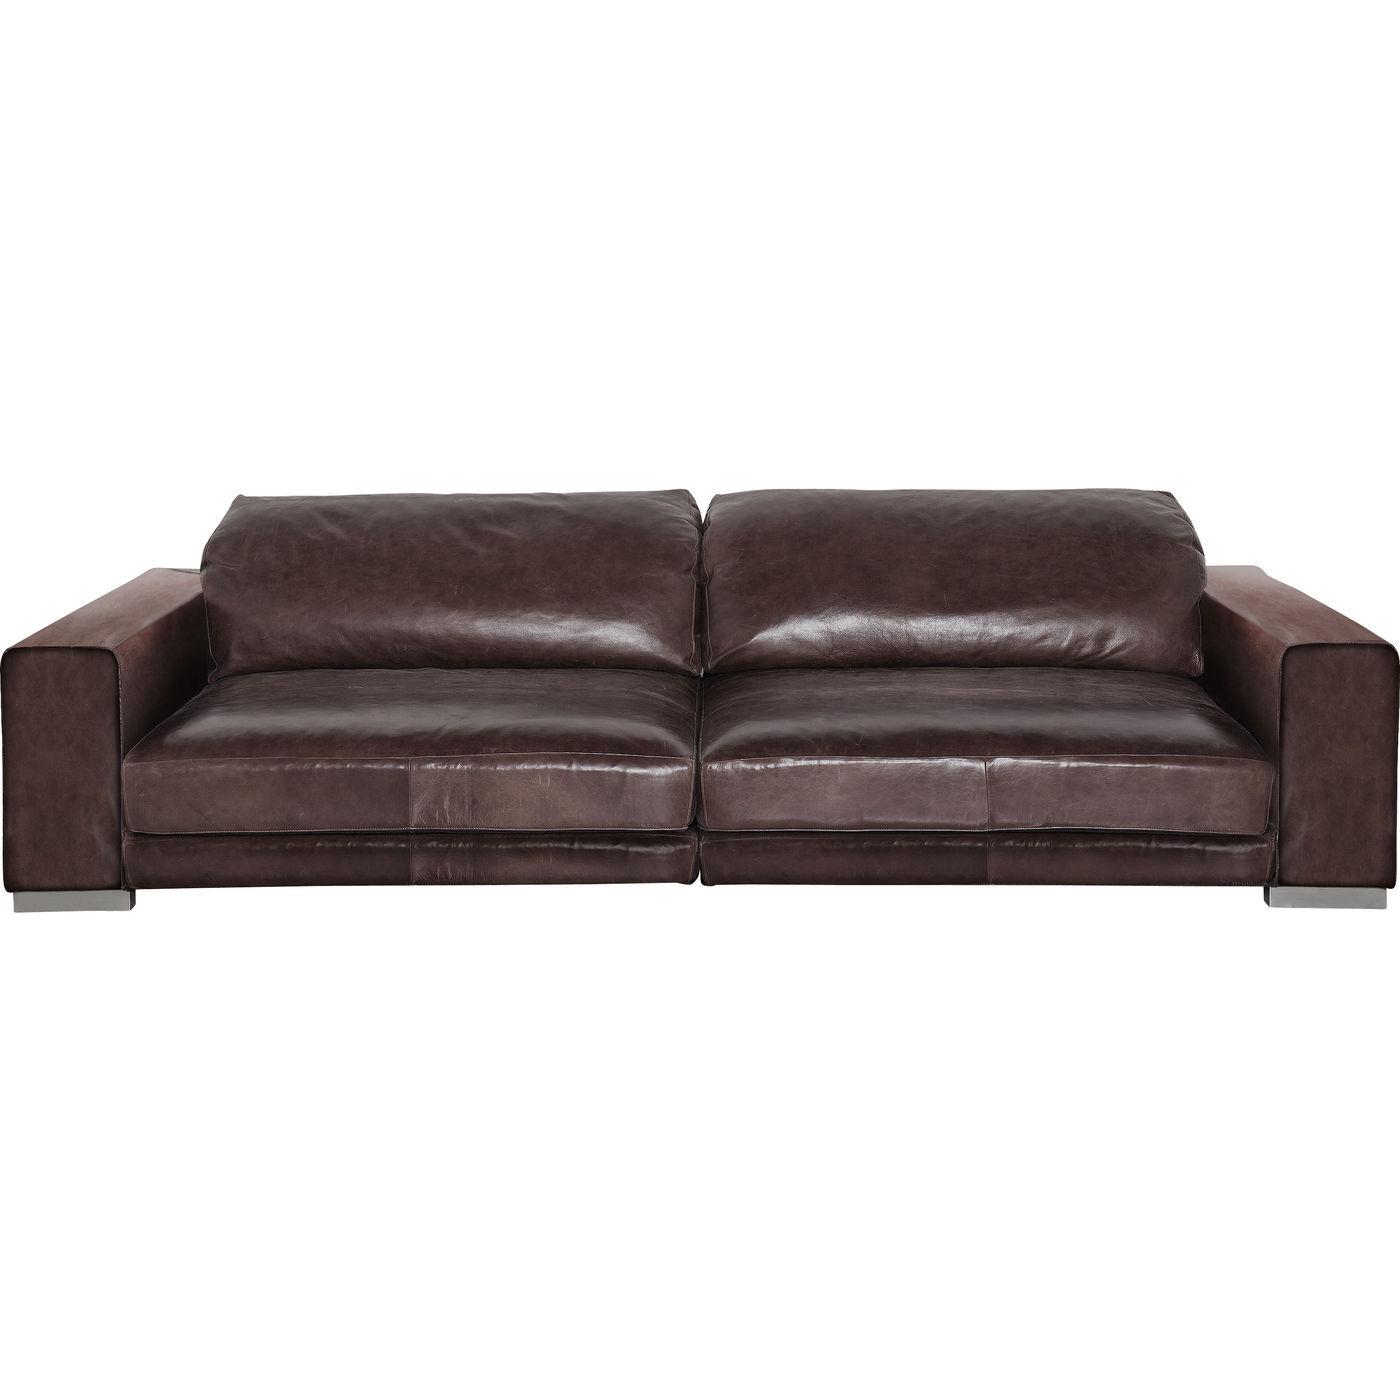 studio divani sofa i flot brun farve enorm stor og elegant. Black Bedroom Furniture Sets. Home Design Ideas